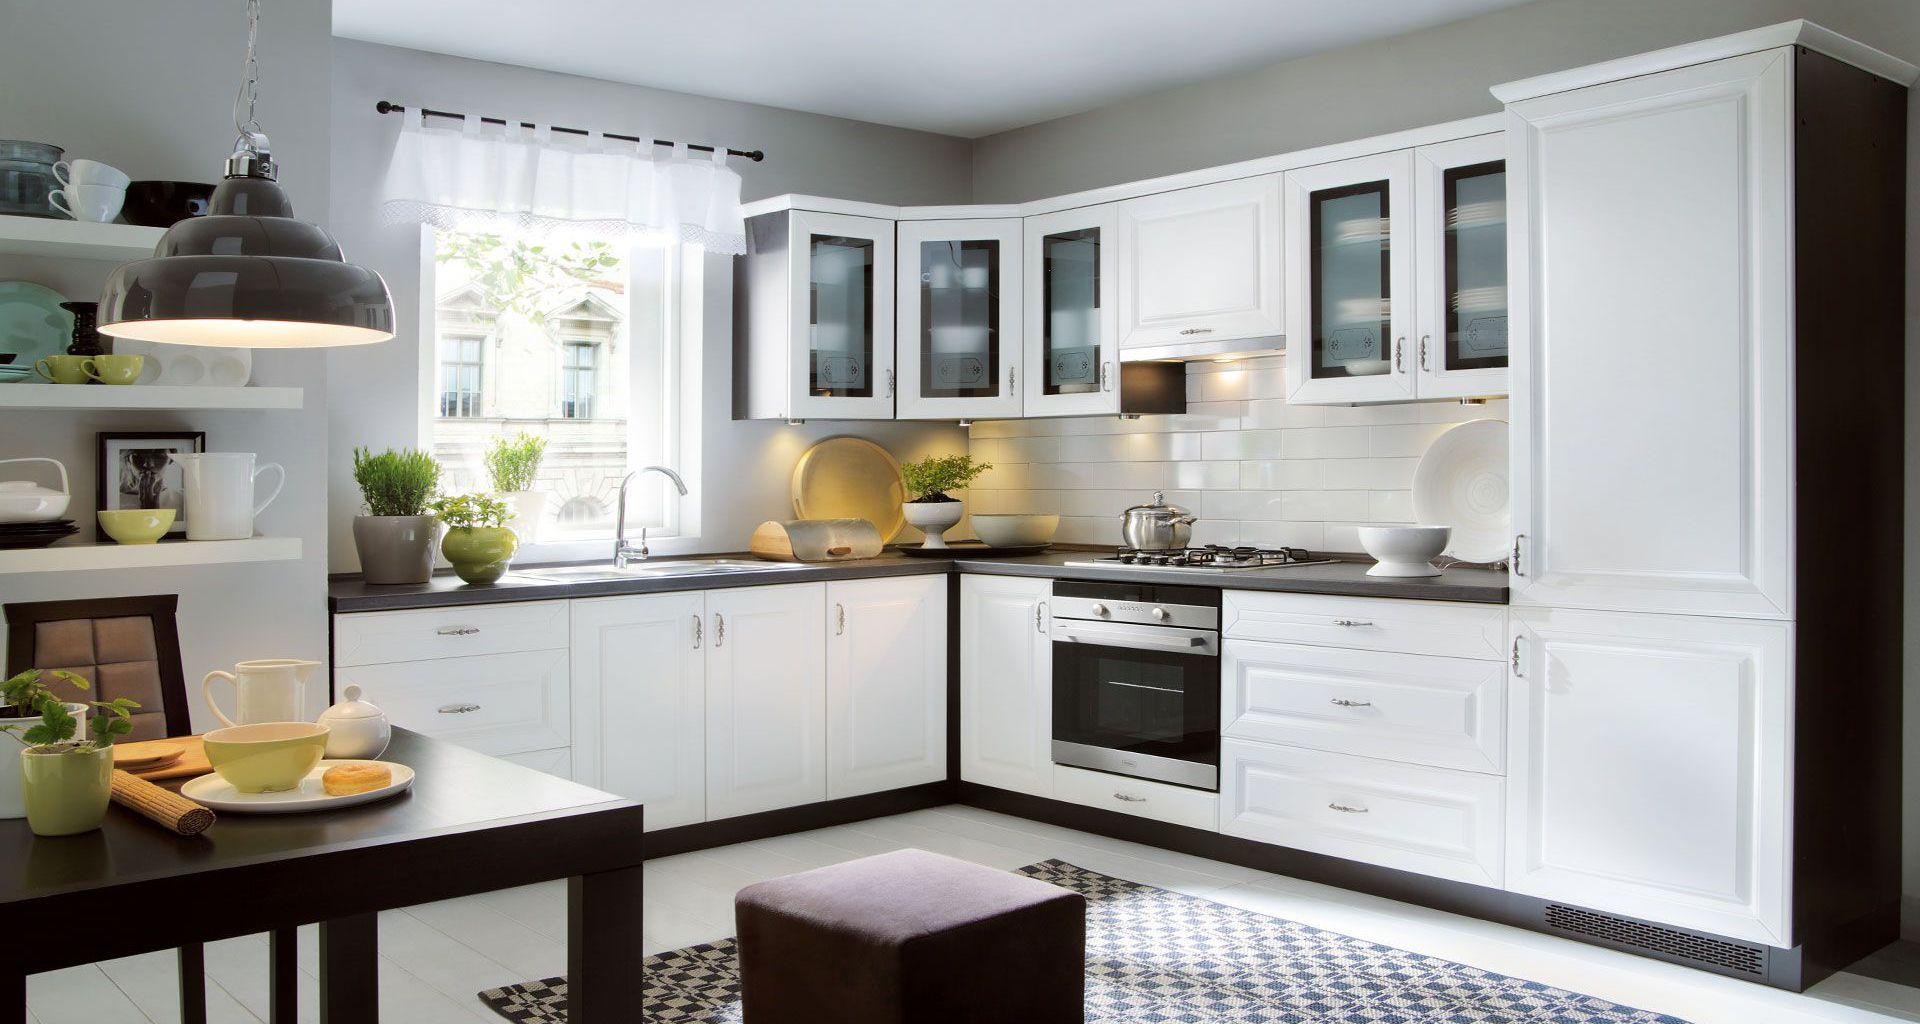 prodej kuchyňského nábytku - kuchyňské linky, komody, police